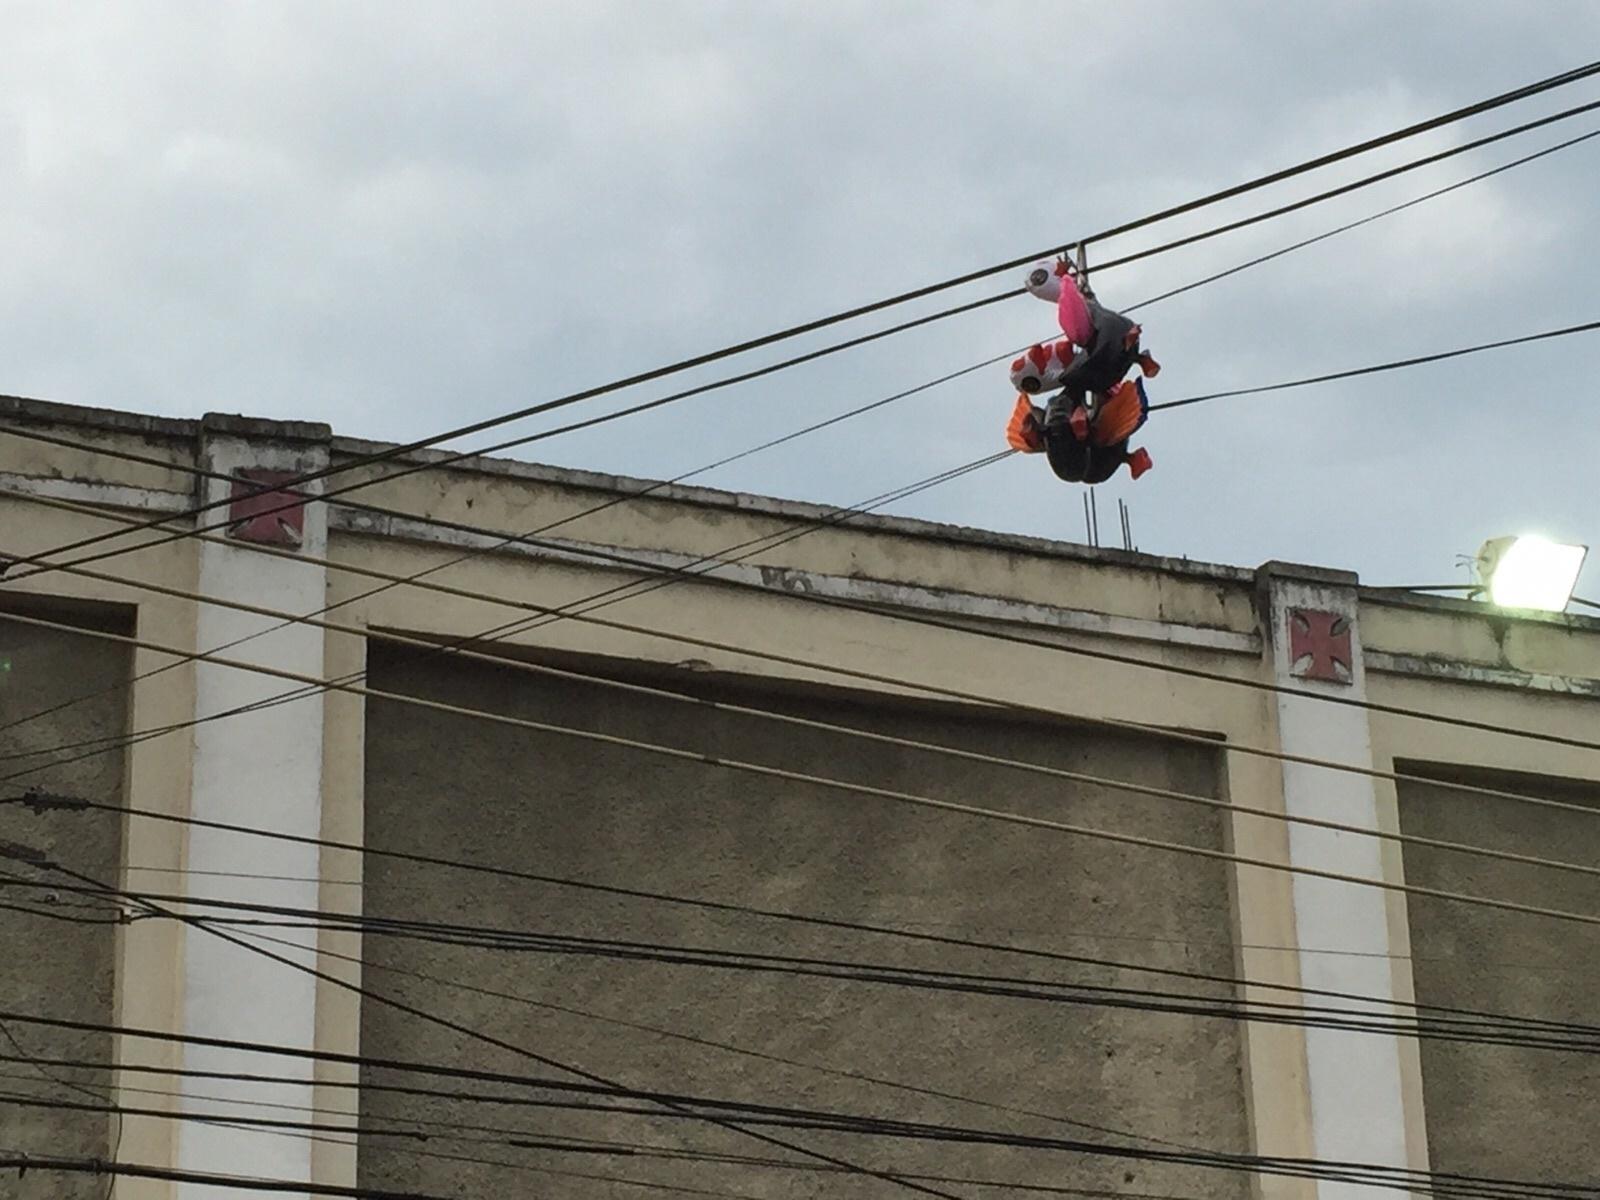 No destaque, uma das galinhas penduradas na fiação que passa em frente a São Januário. Milho também foi jogado no entorno da entrada de visitante do estádio.